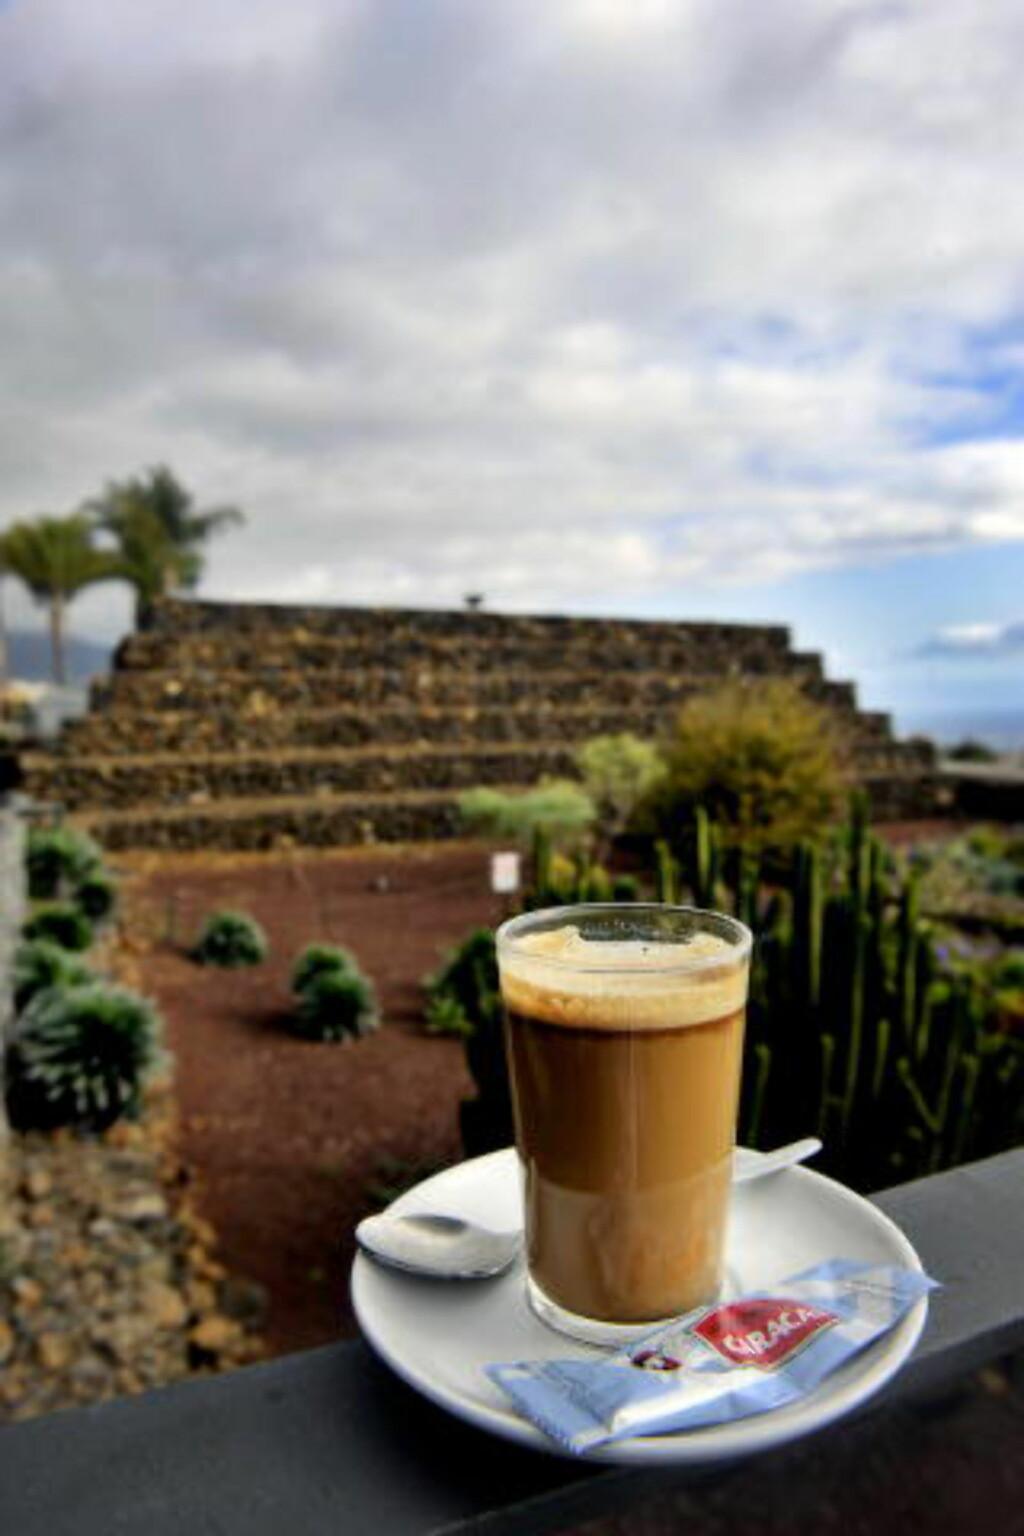 KRYDRER LIVET:Jo lenger sør du kommer, jo større er sannsynligheten for krydder i kaffen. I pyramideparken på Tenerife tilsettes kaffen sitron, likør og kanel. Foto: JOHN T. PEDERSEN